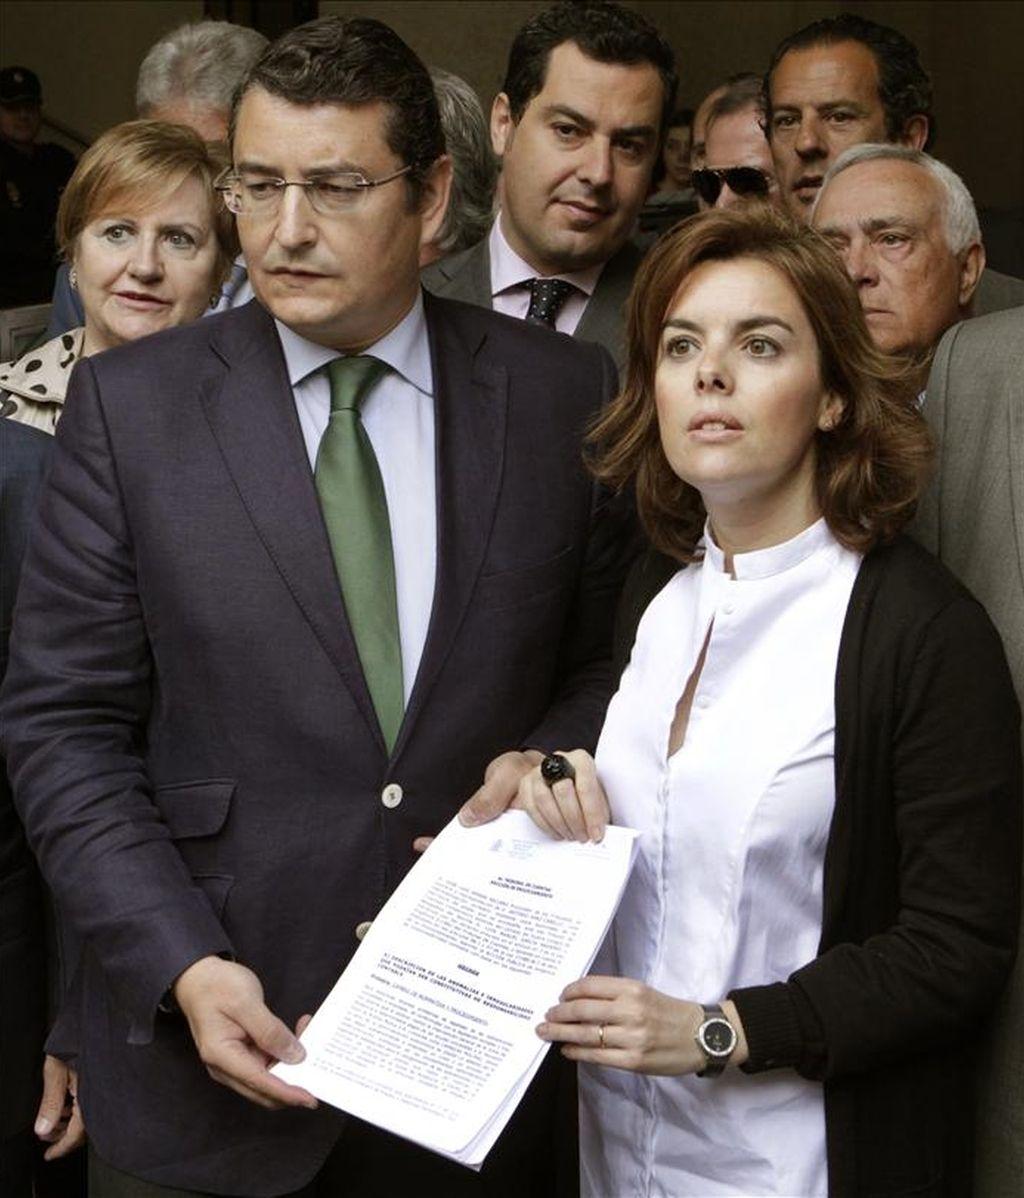 La portavoz del PP en el Congreso, Soraya Sáenz de Santamaría, y el secretario del PP andaluz, Antonio Sanz, presentaron hoy ante el Tribunal de Cuentas un escrito de denuncia por las irregularidades detectadas en los expedientes de regulación de empleo (ERE) de varias empresas de Andalucía. EFE